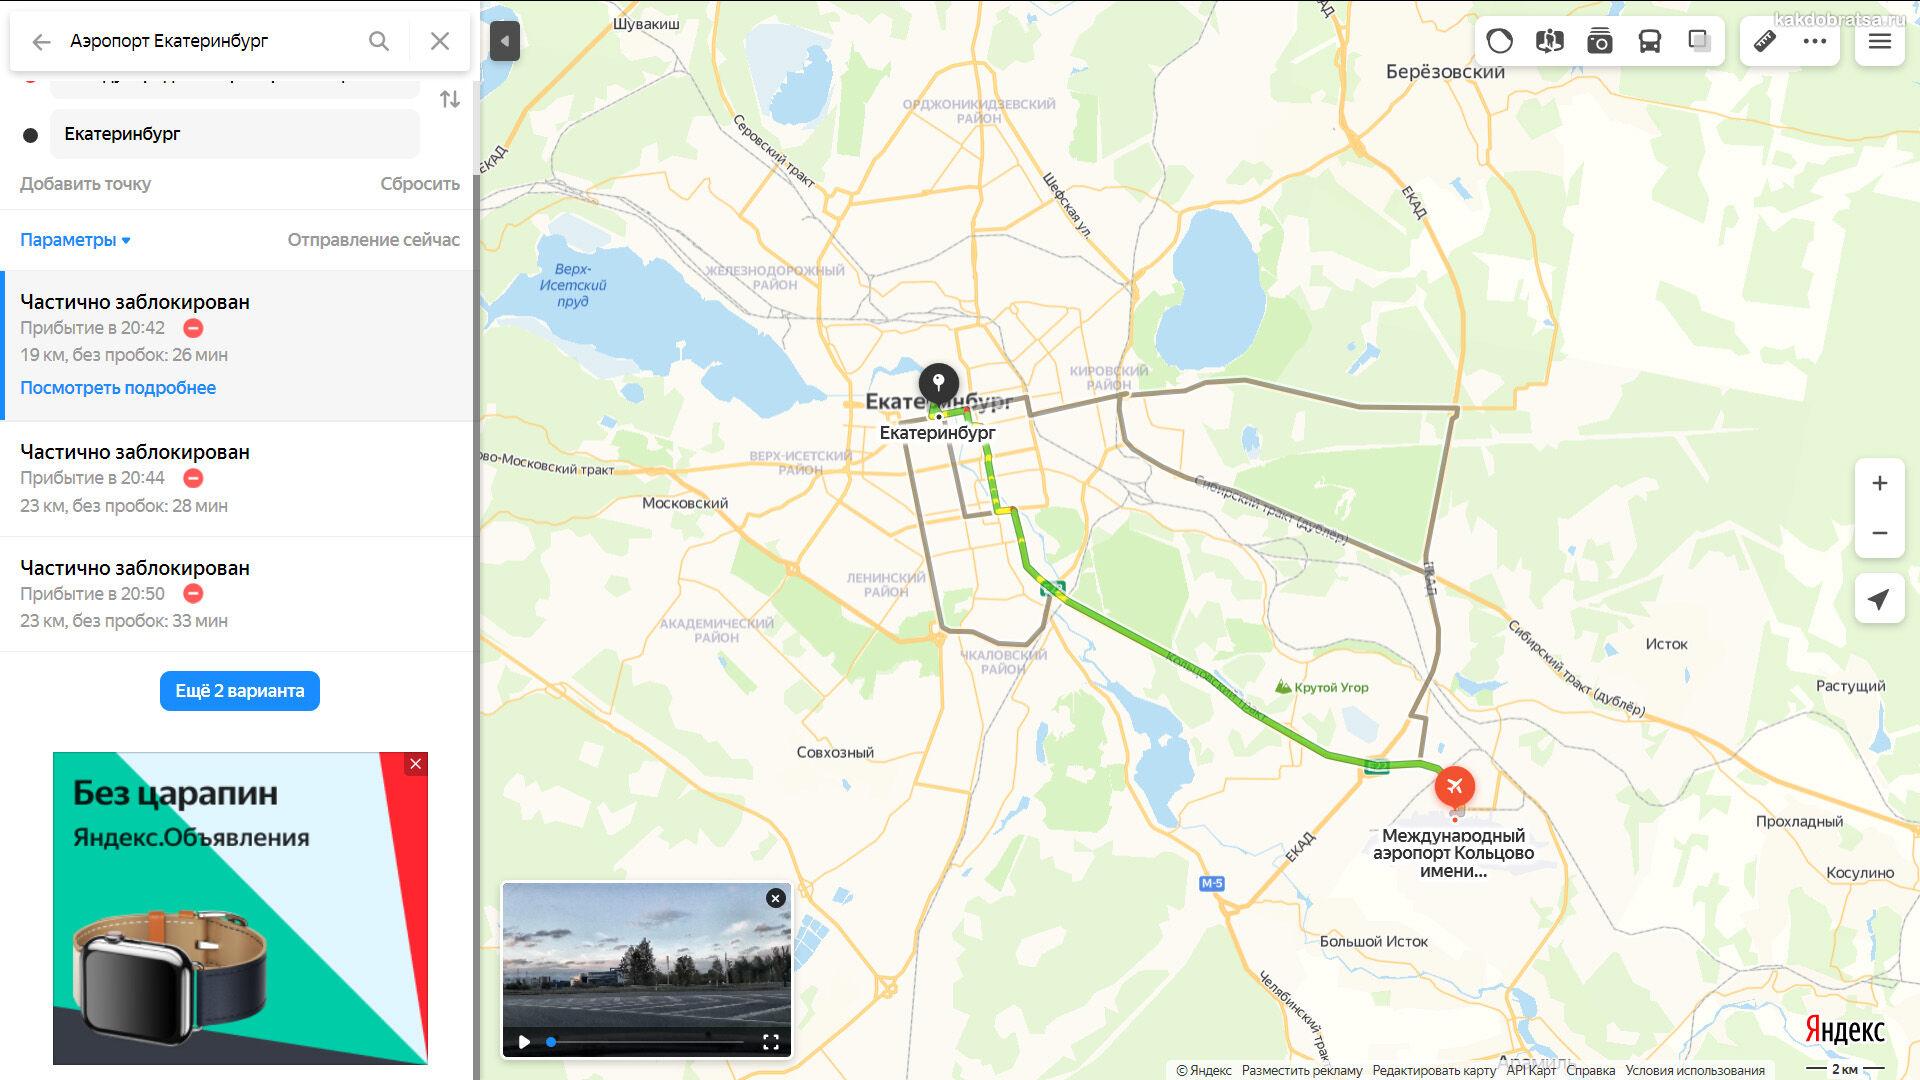 Расположение аэропорта Екатеринбурга на карте